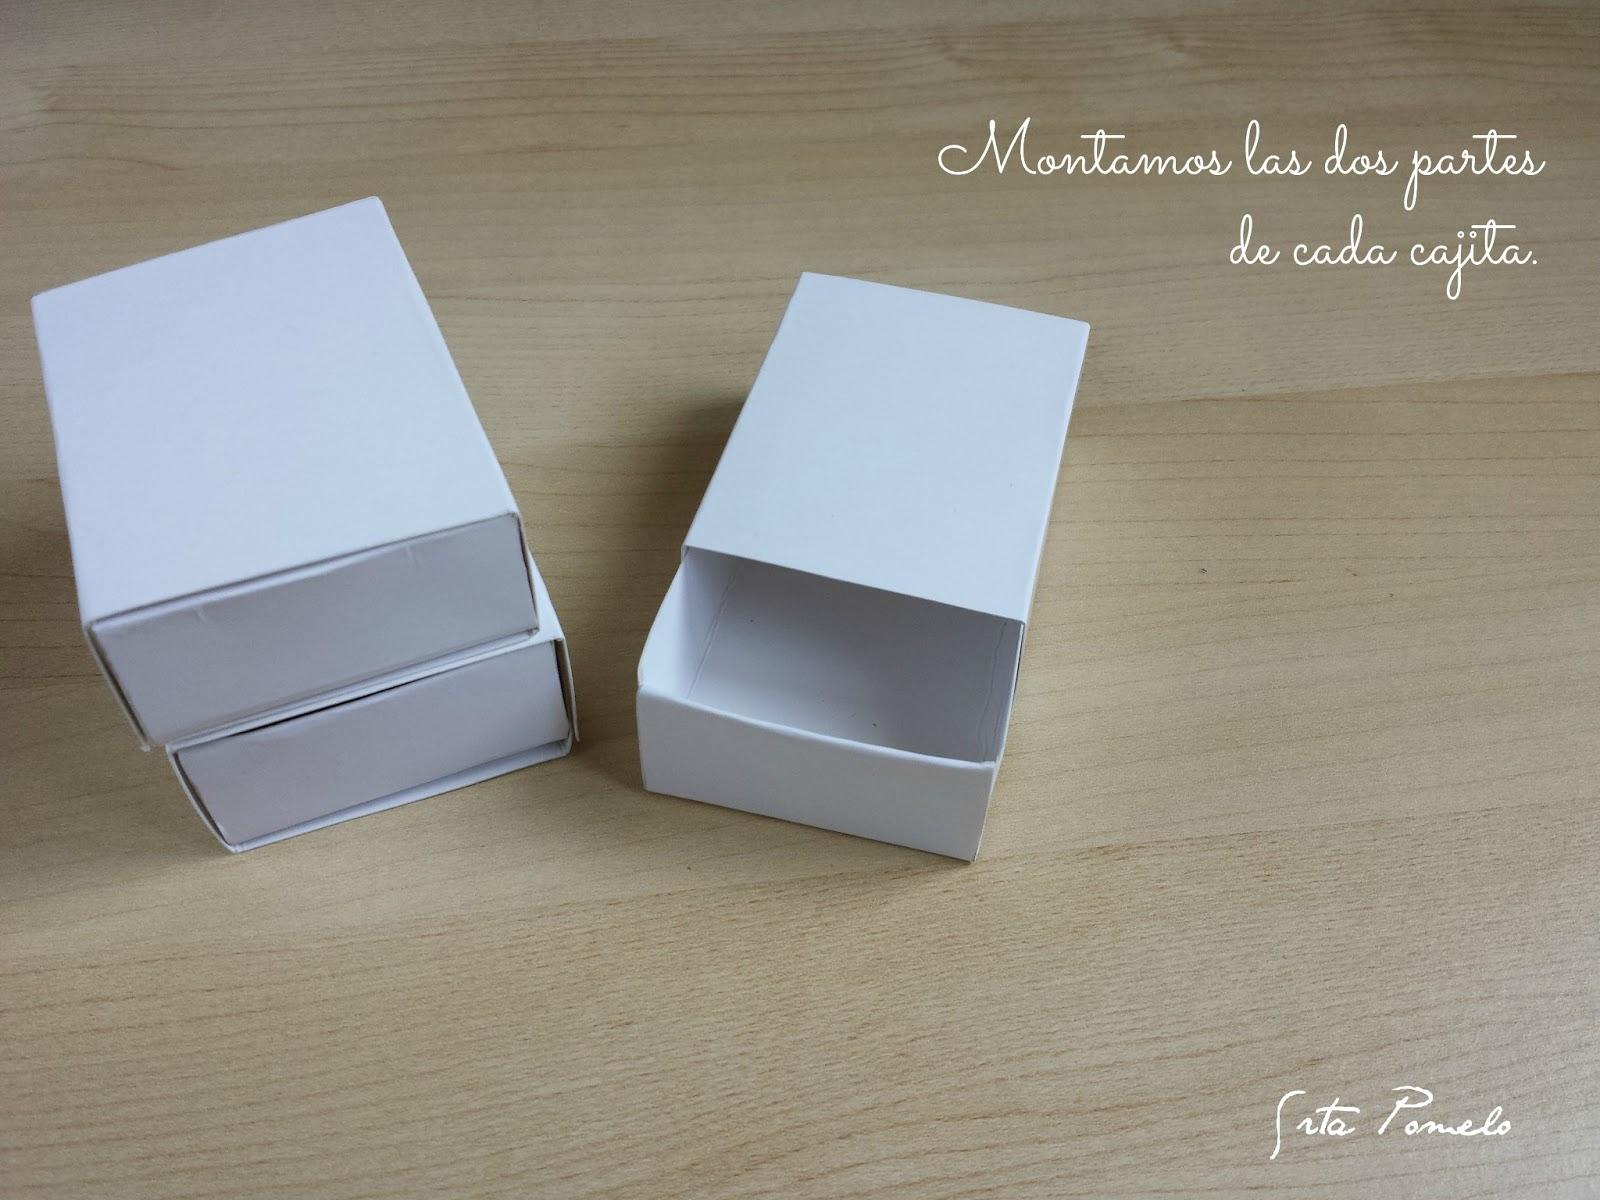 Srta pomelo diy c mo hacer unas cajas de cerillas - Como hacer cajas de cartulina ...